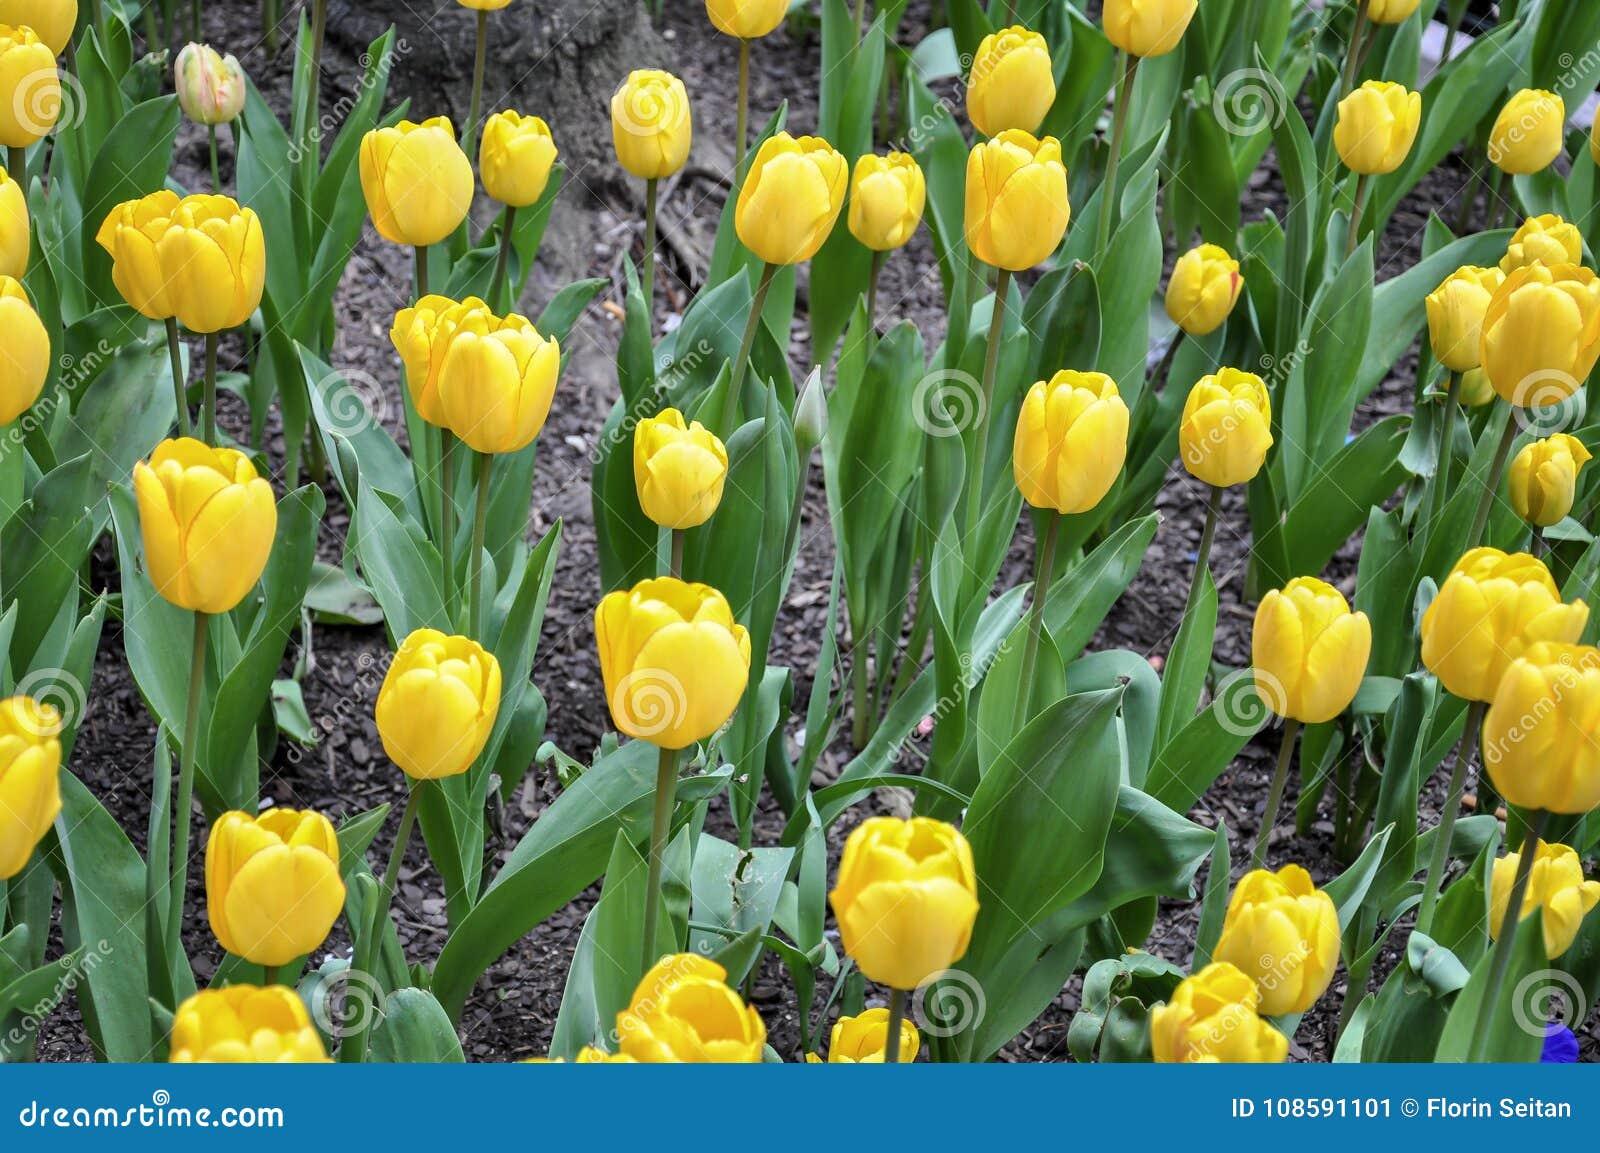 Macizo De Flores De Tulipanes Amarillos Vibrantes En Primavera